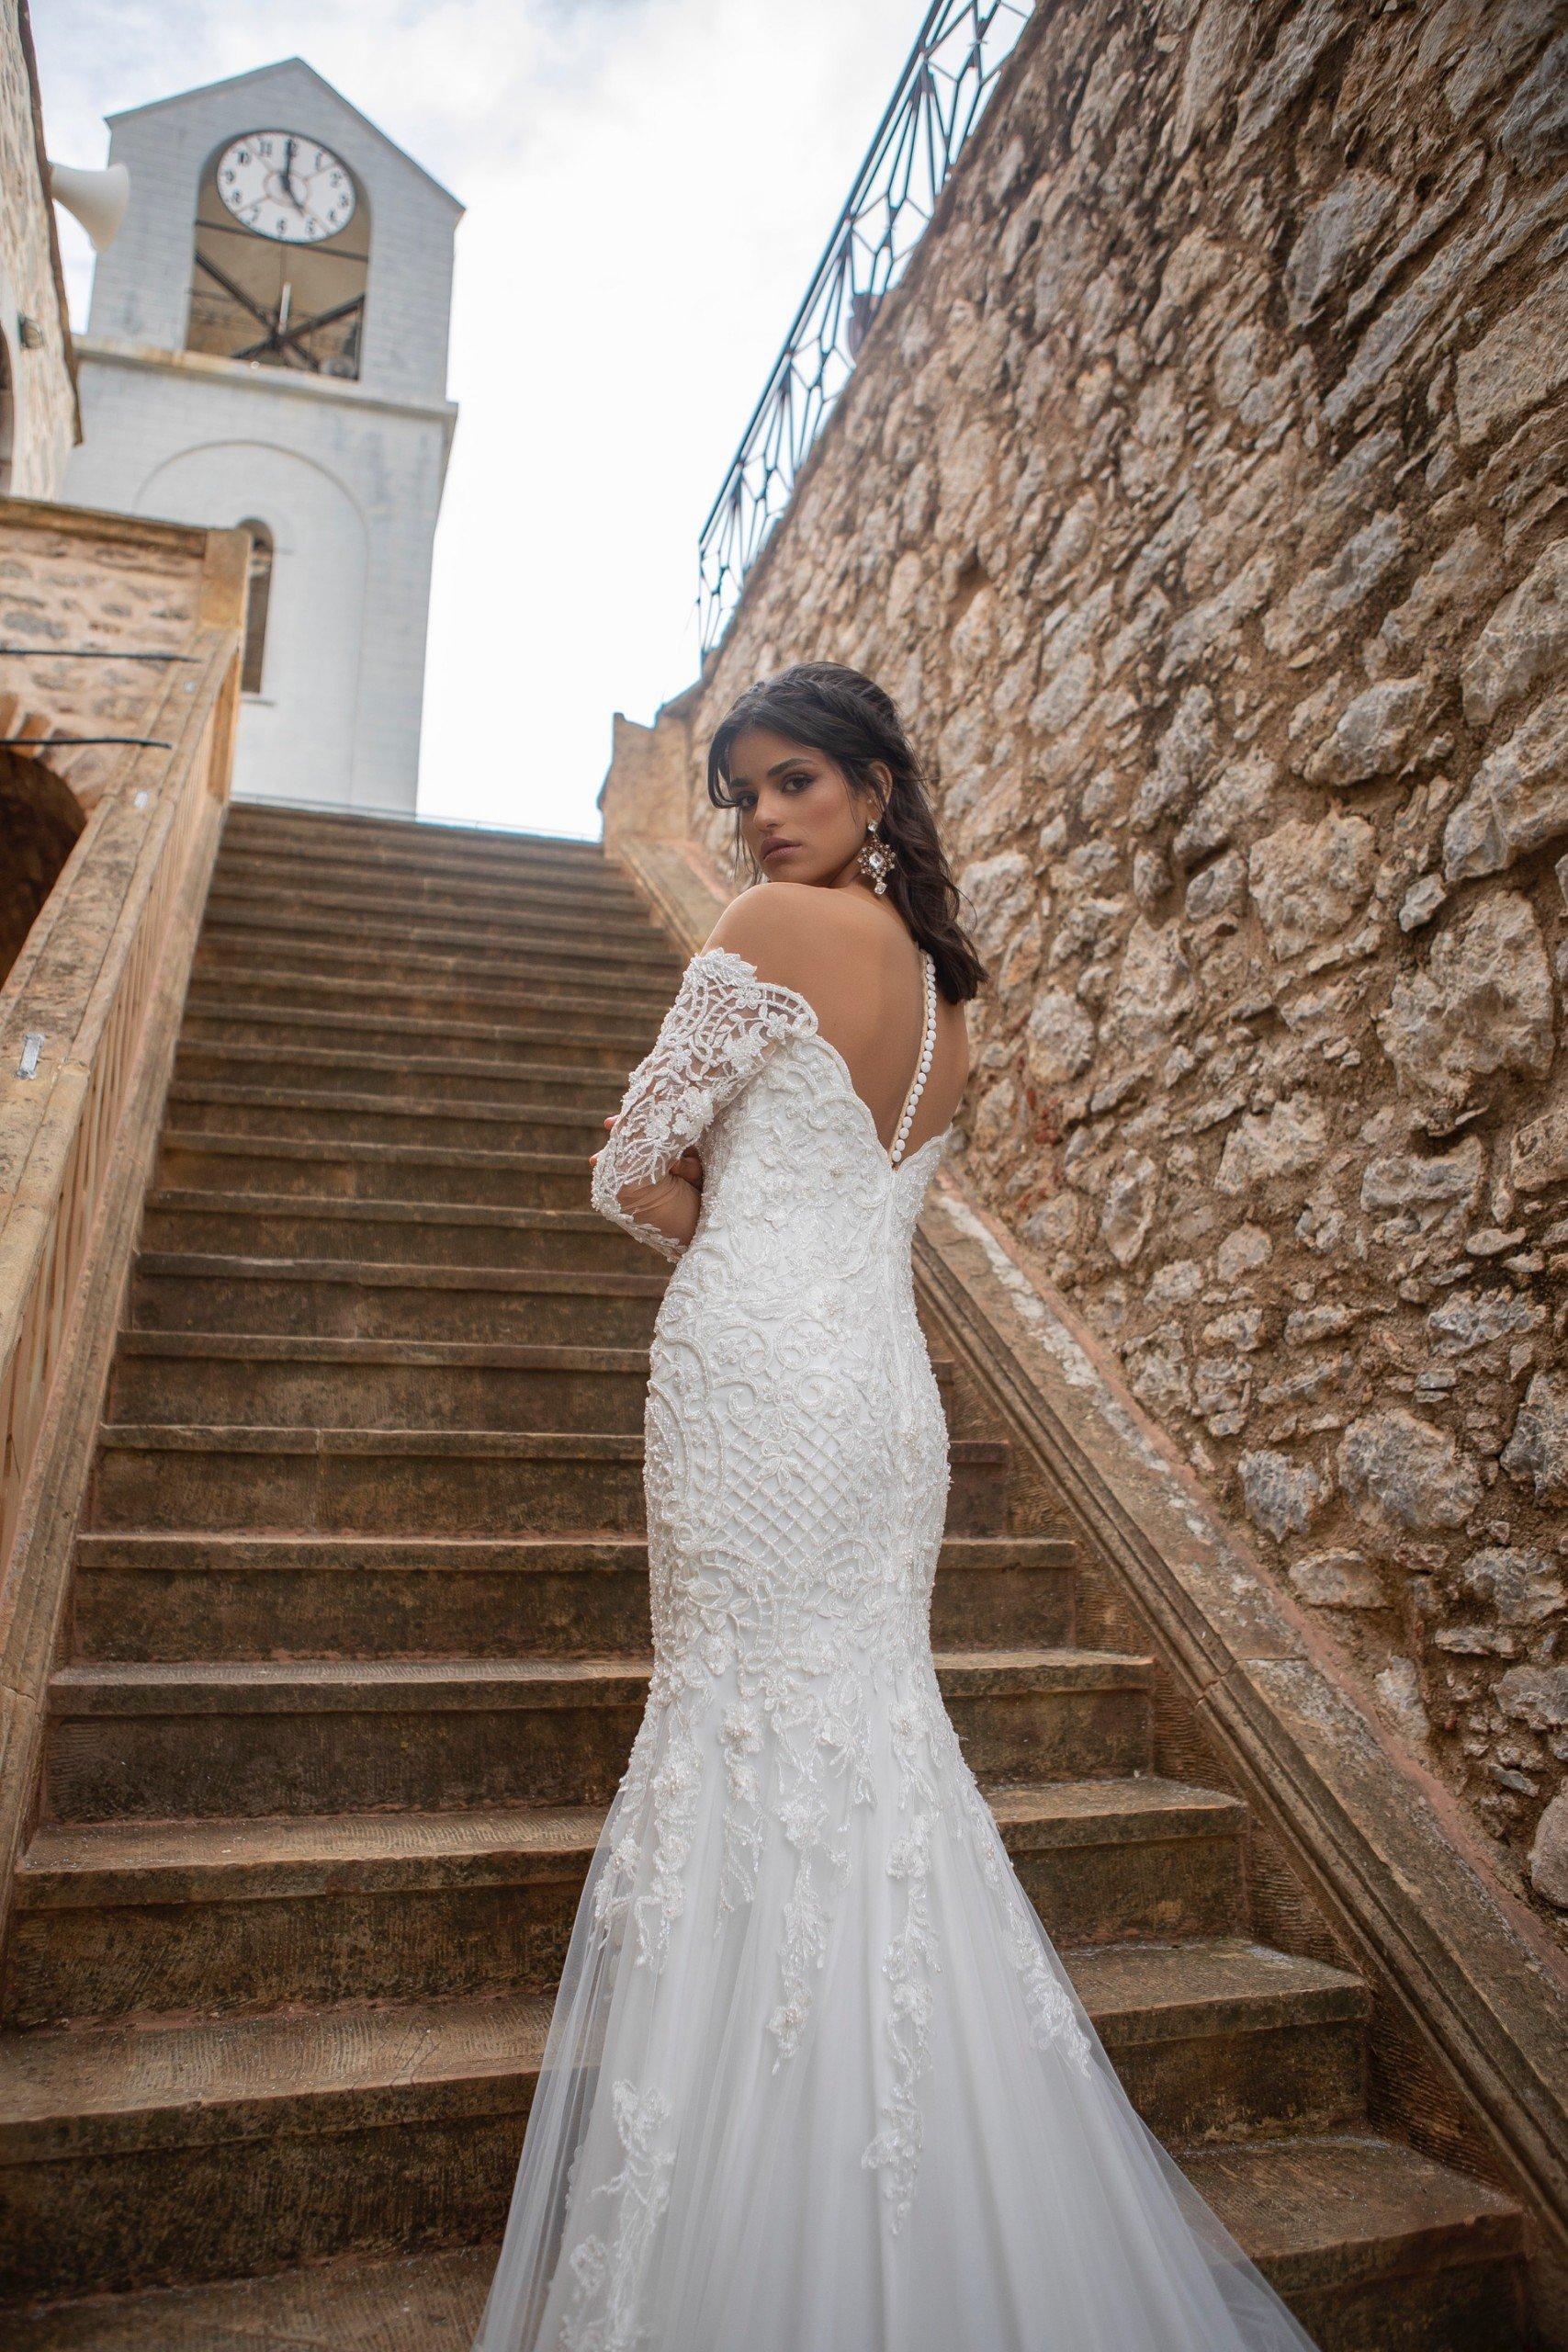 Schulterfreies Hochzeitskleid aus Spitze mit transparenten Ärmeln von Emine Yildirim, Modell 2003